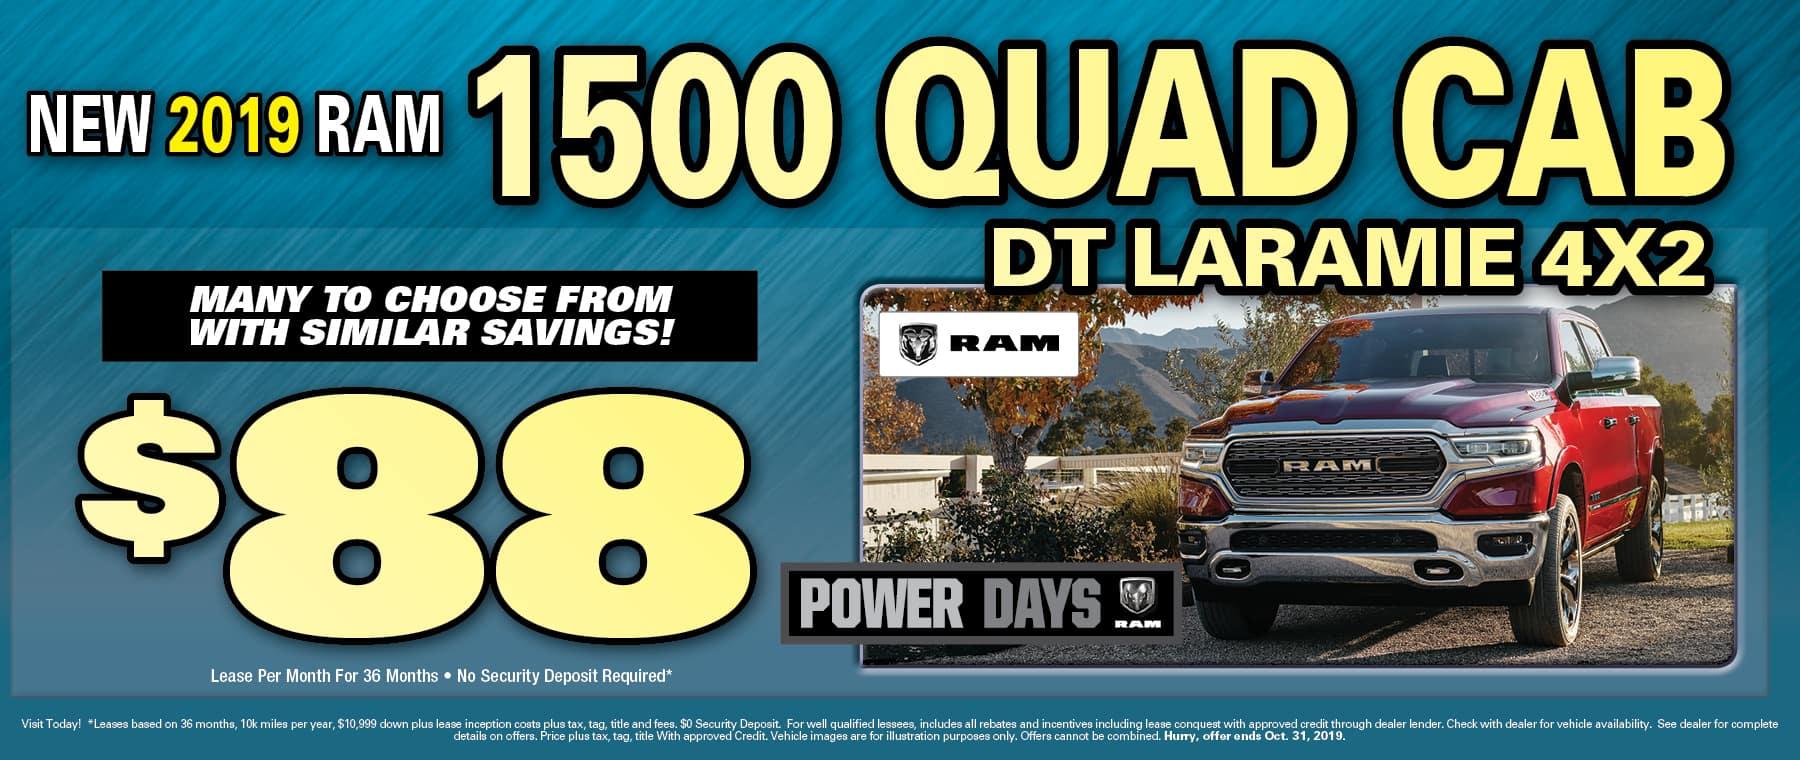 Quad Cab Laramie!